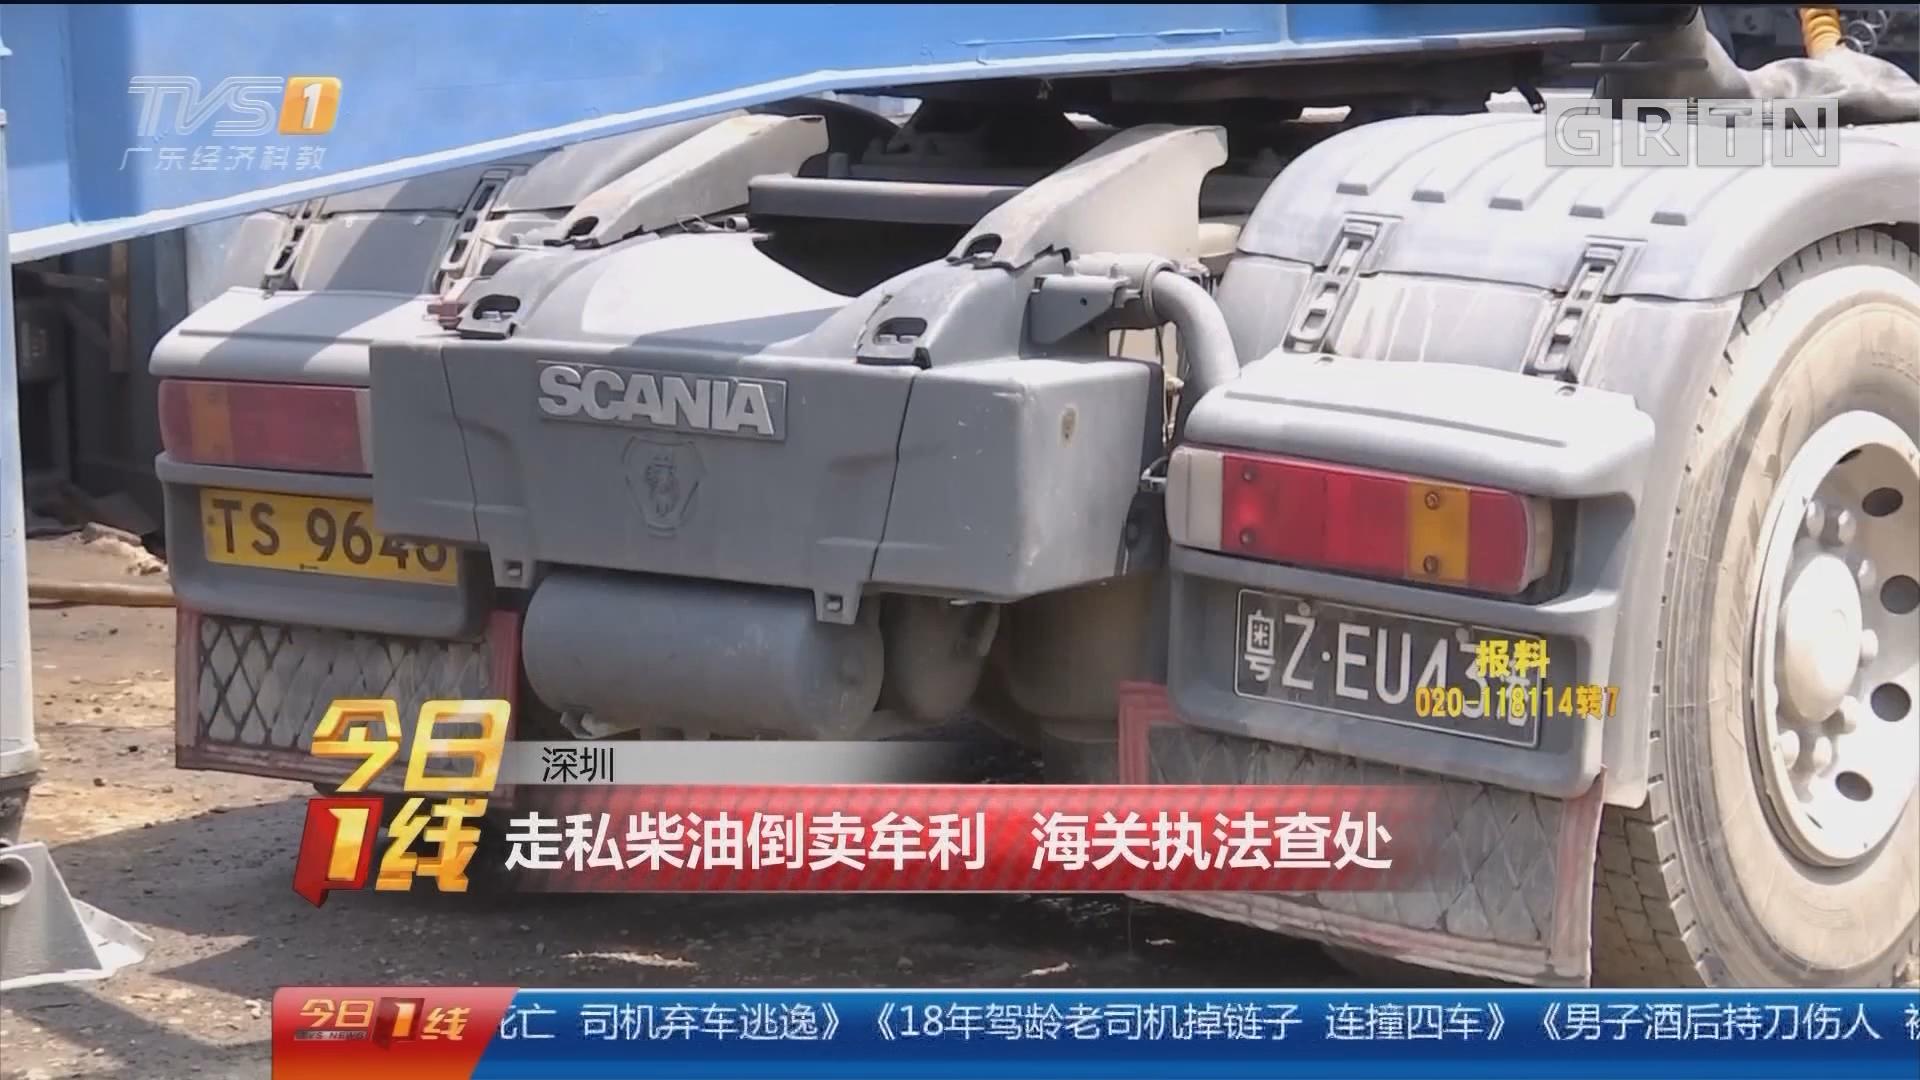 深圳:走私柴油倒卖牟利 海关执法查处